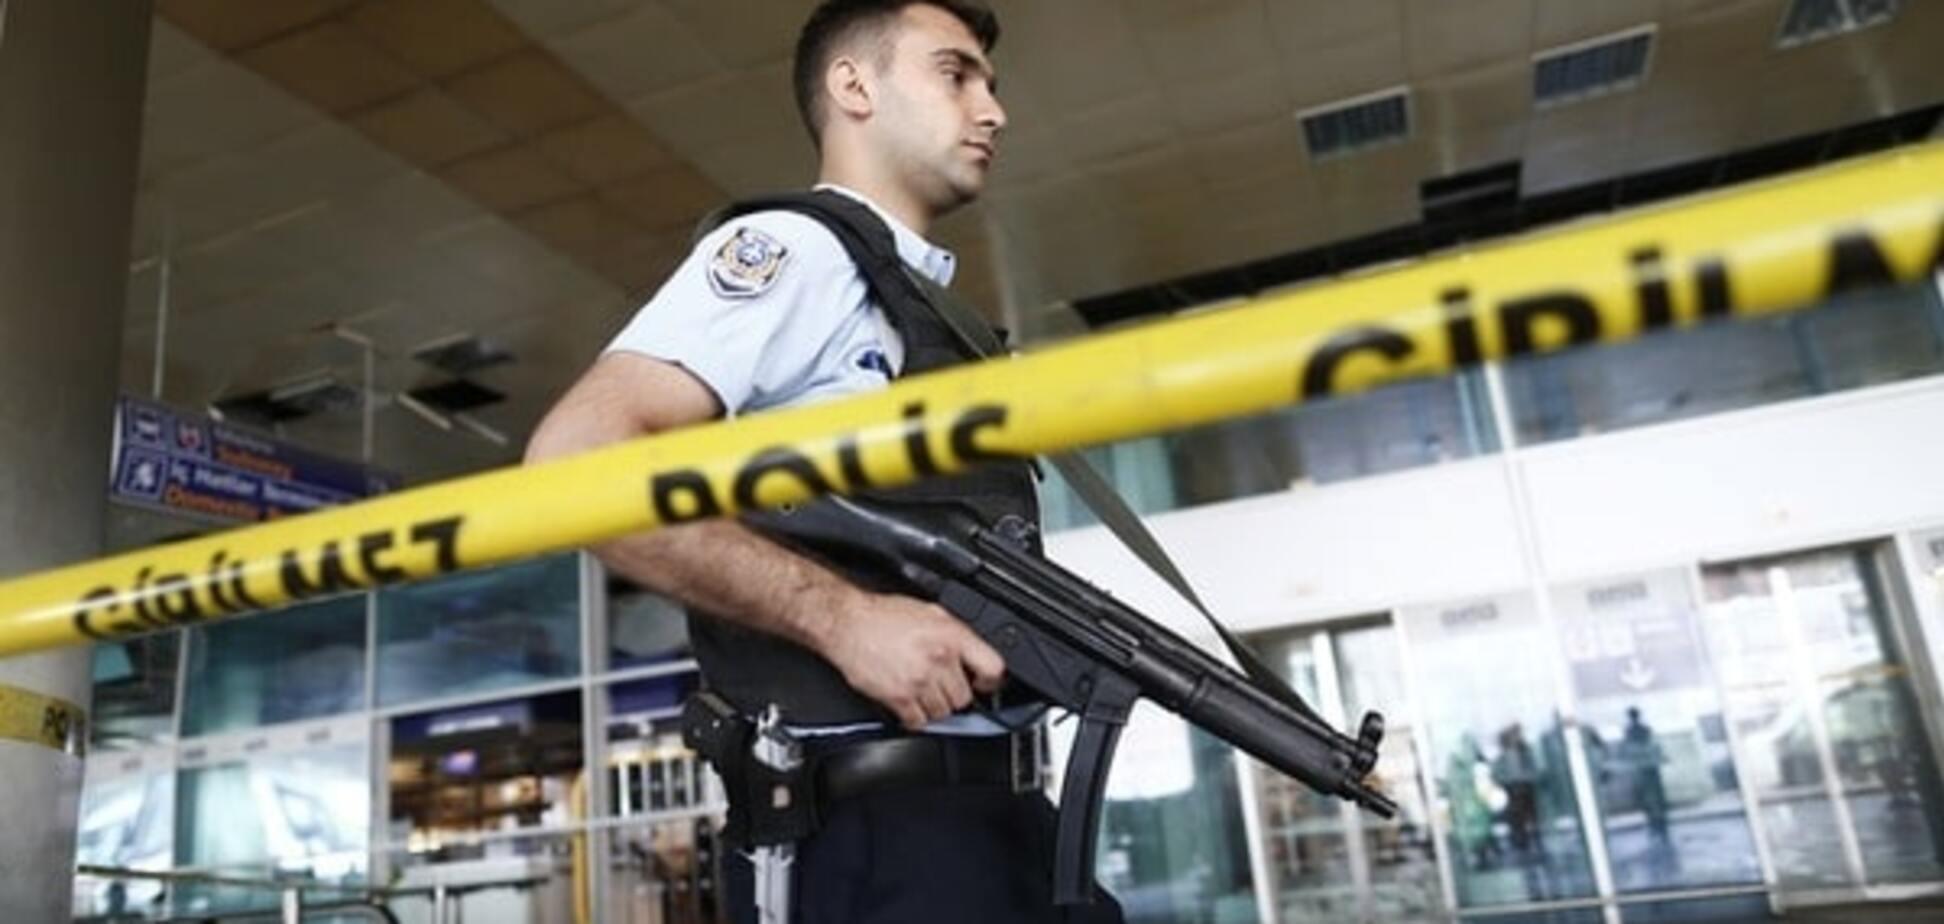 Теракты в Стамбуле: крутое пике страны 'горячих туров' и потепление отношений с Москвой